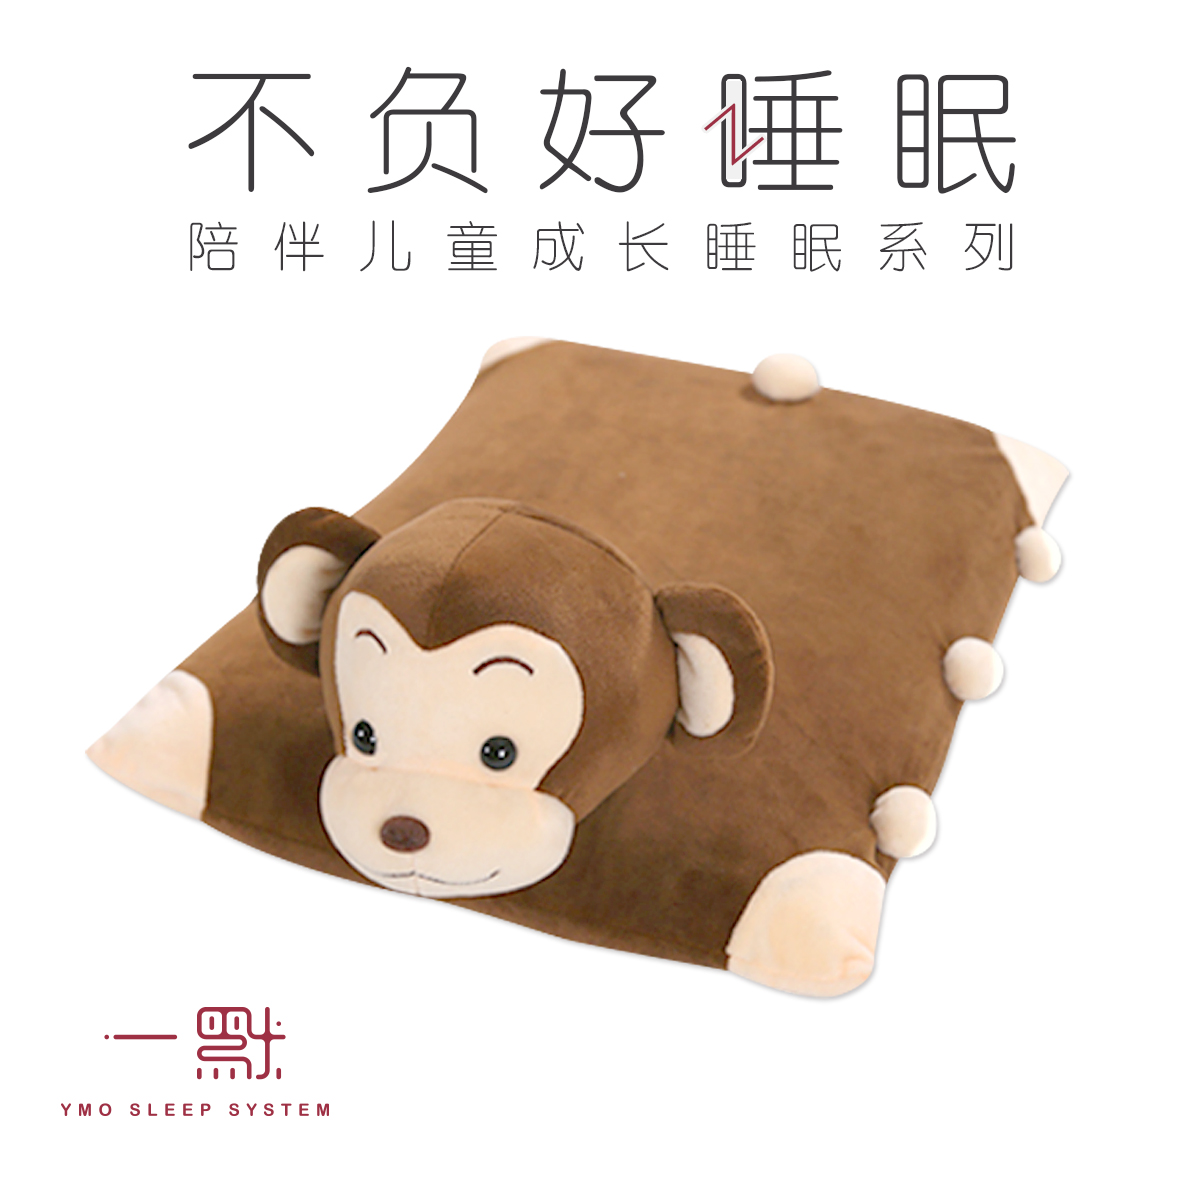 一默成人儿童天然乳胶枕头可爱抱枕限时2件3折